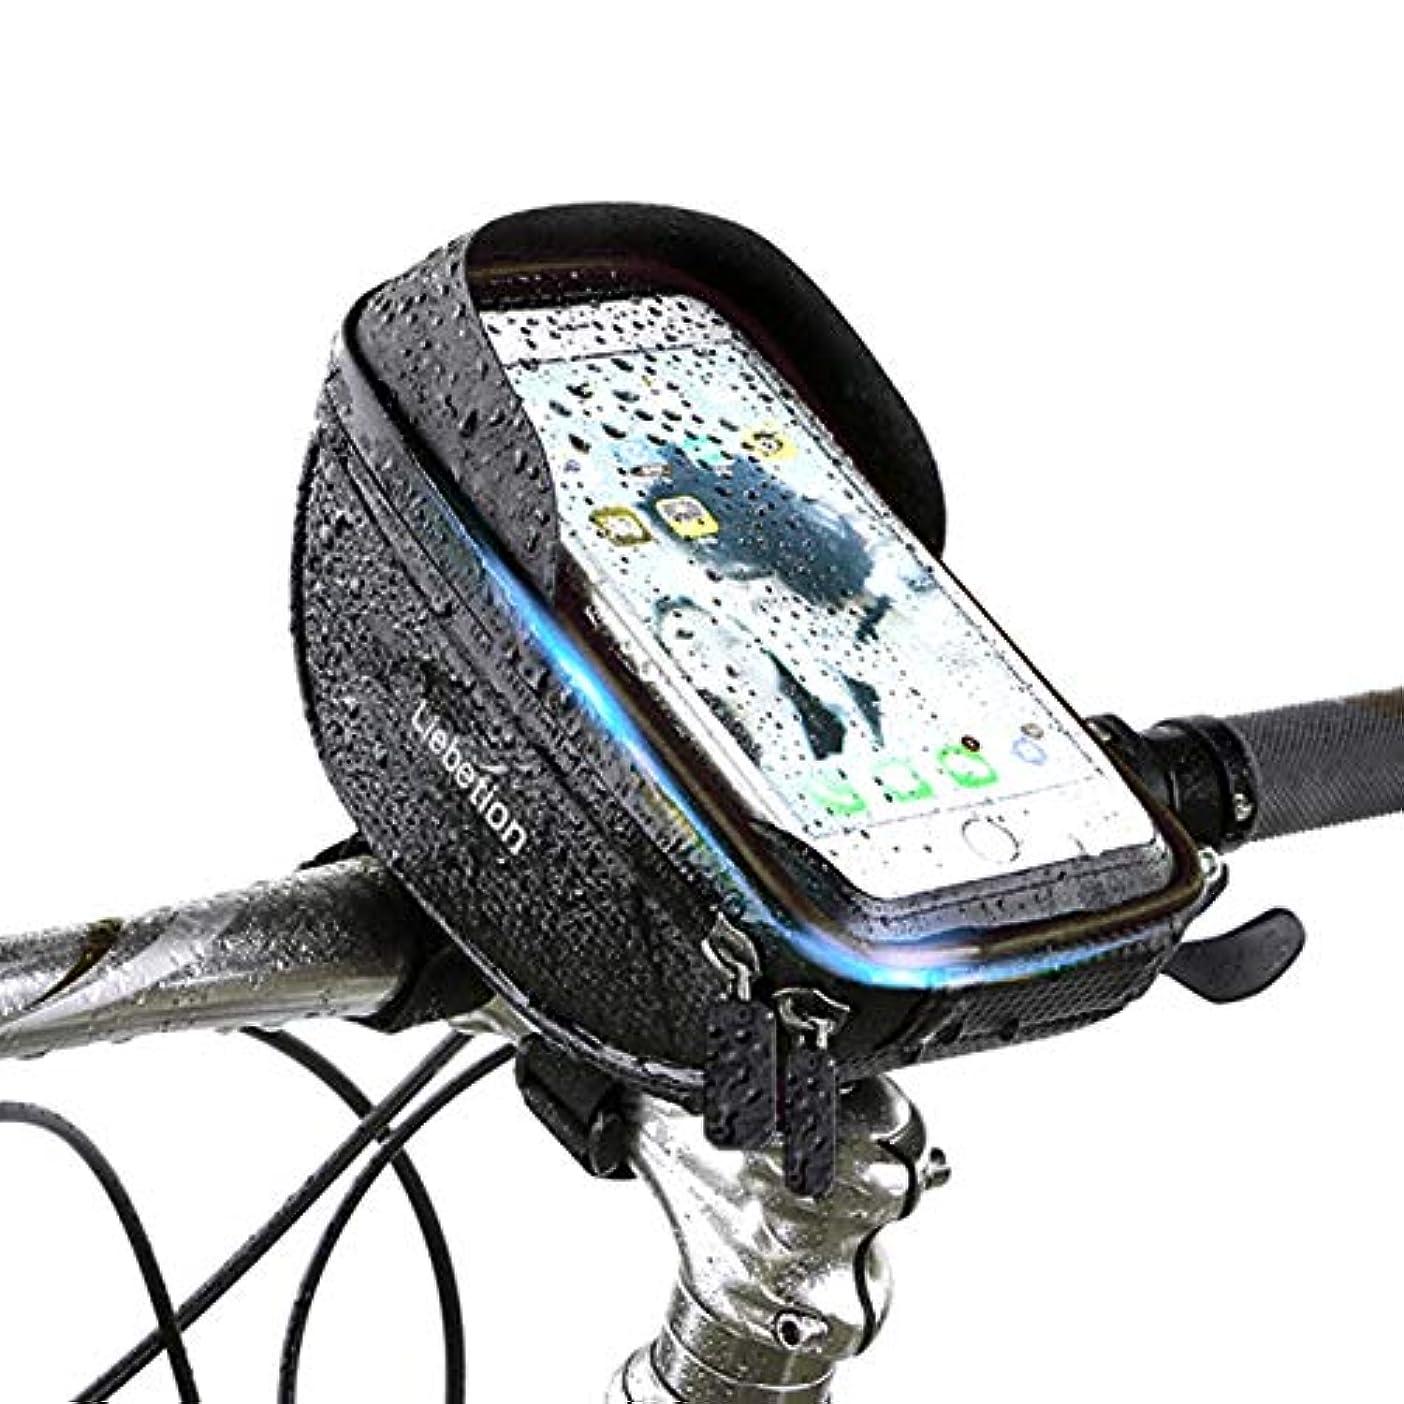 伝統同行する主婦Liebetion(リーベシオン) 自転車トップチューブバッグ サドルバッグ 収納可能 防水 防圧 遮光 多機能 ハンドルバック 取り付け簡単 軽便 大容量 6.0インチスマホ対応 フロントバッグ